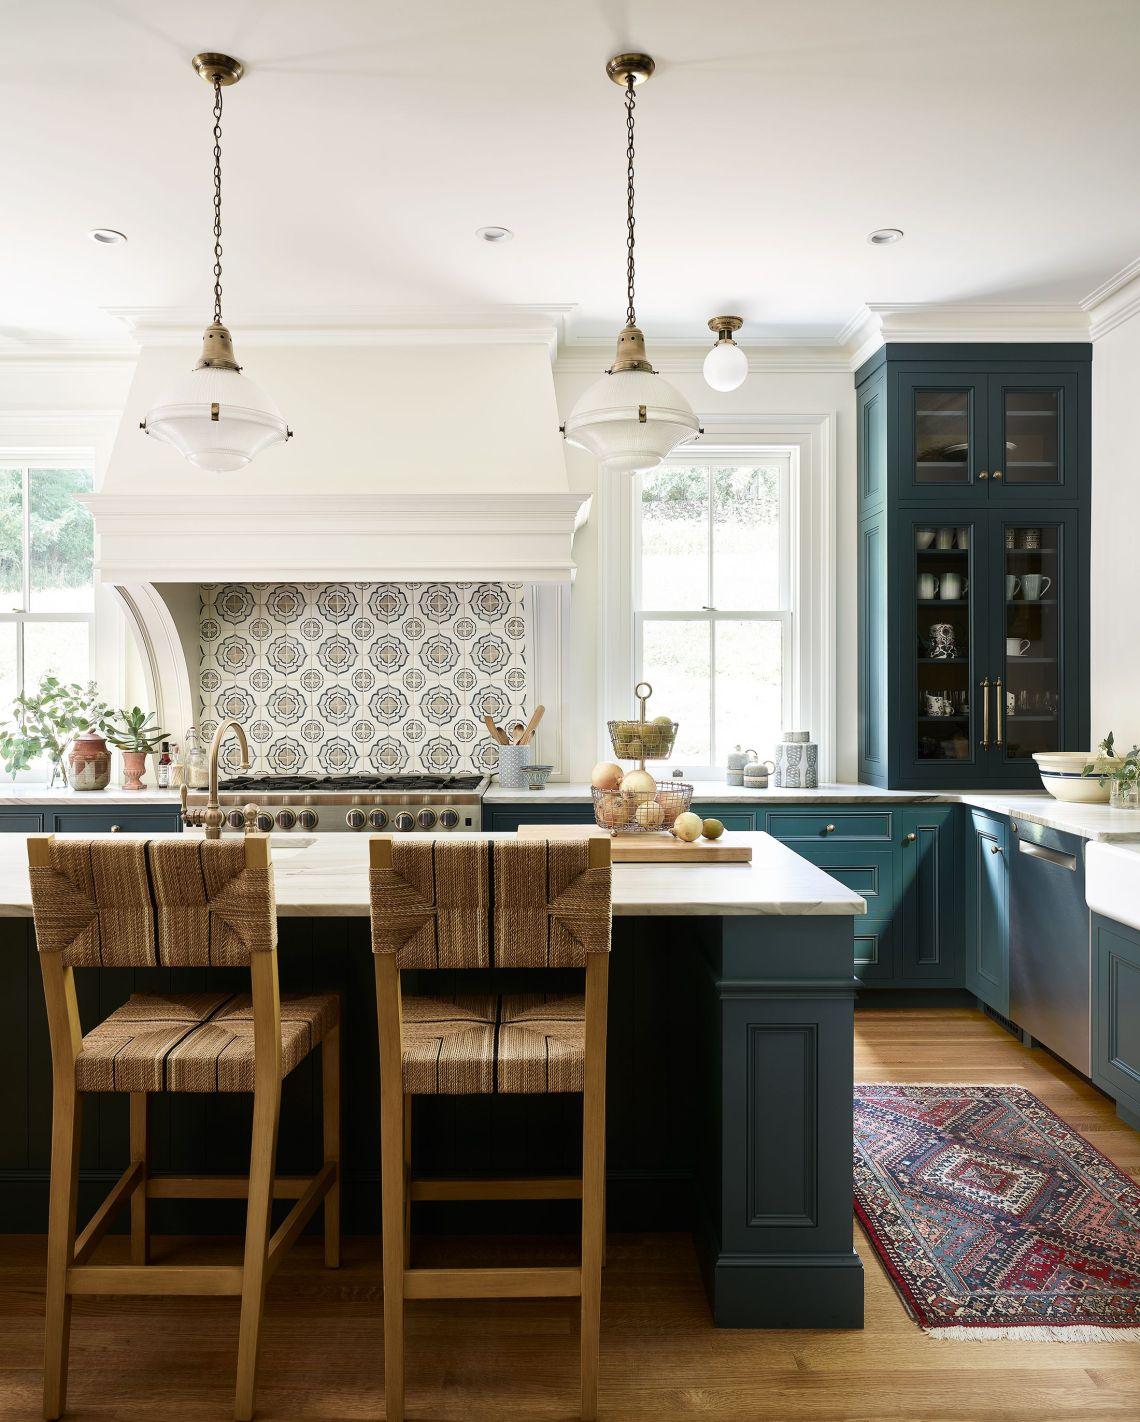 60 Kitchen Cabinet Design Ideas 2021 Unique Kitchen Cabinet Styles